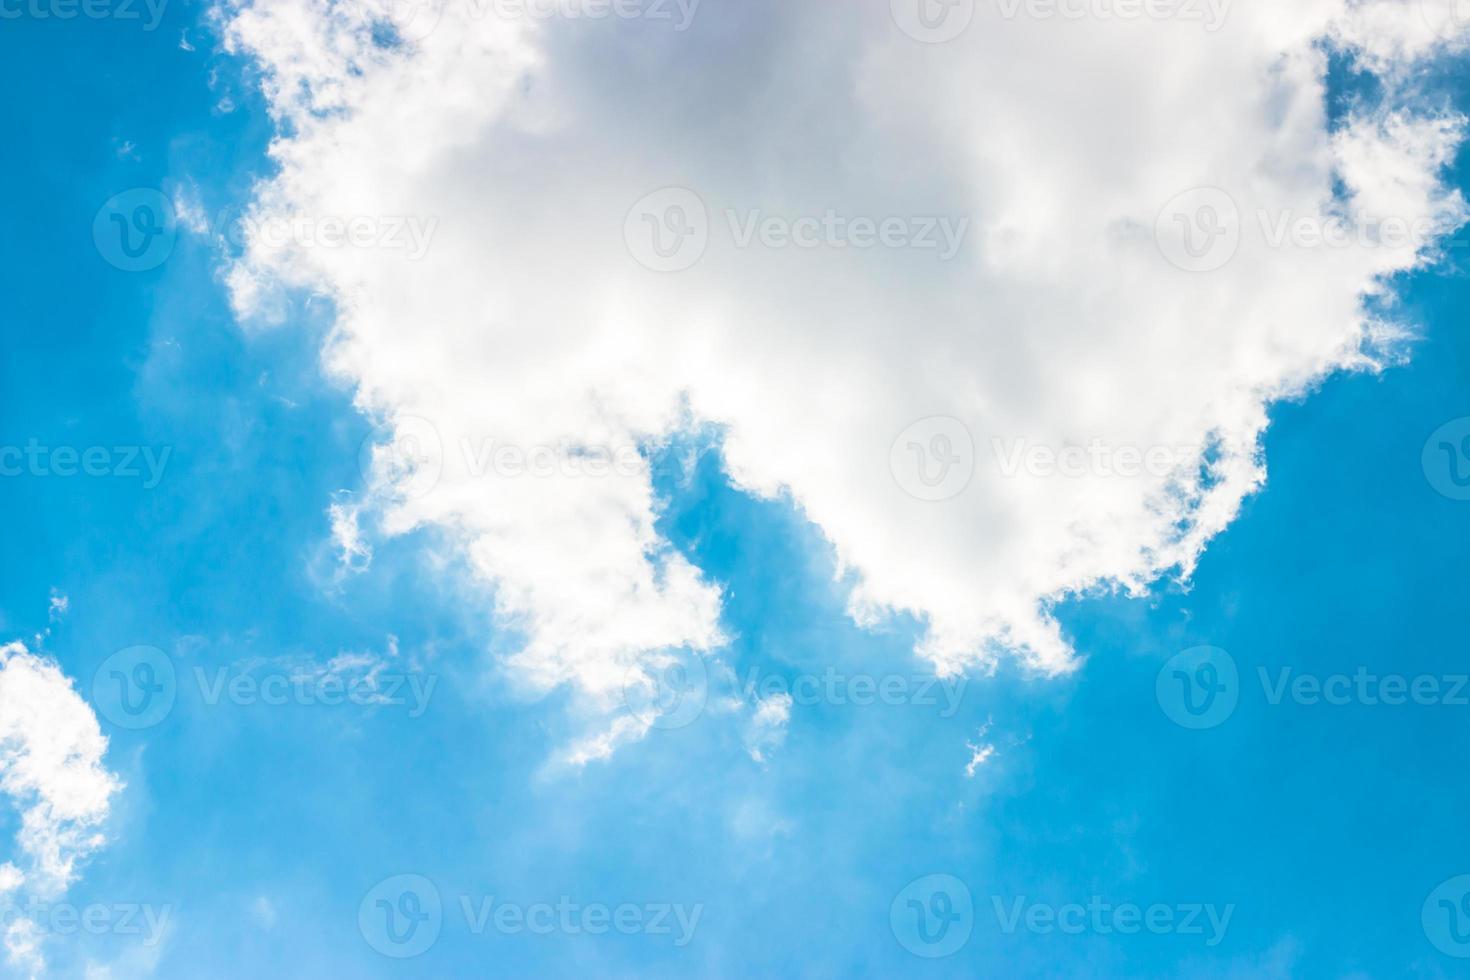 bule sky bakgrund foto